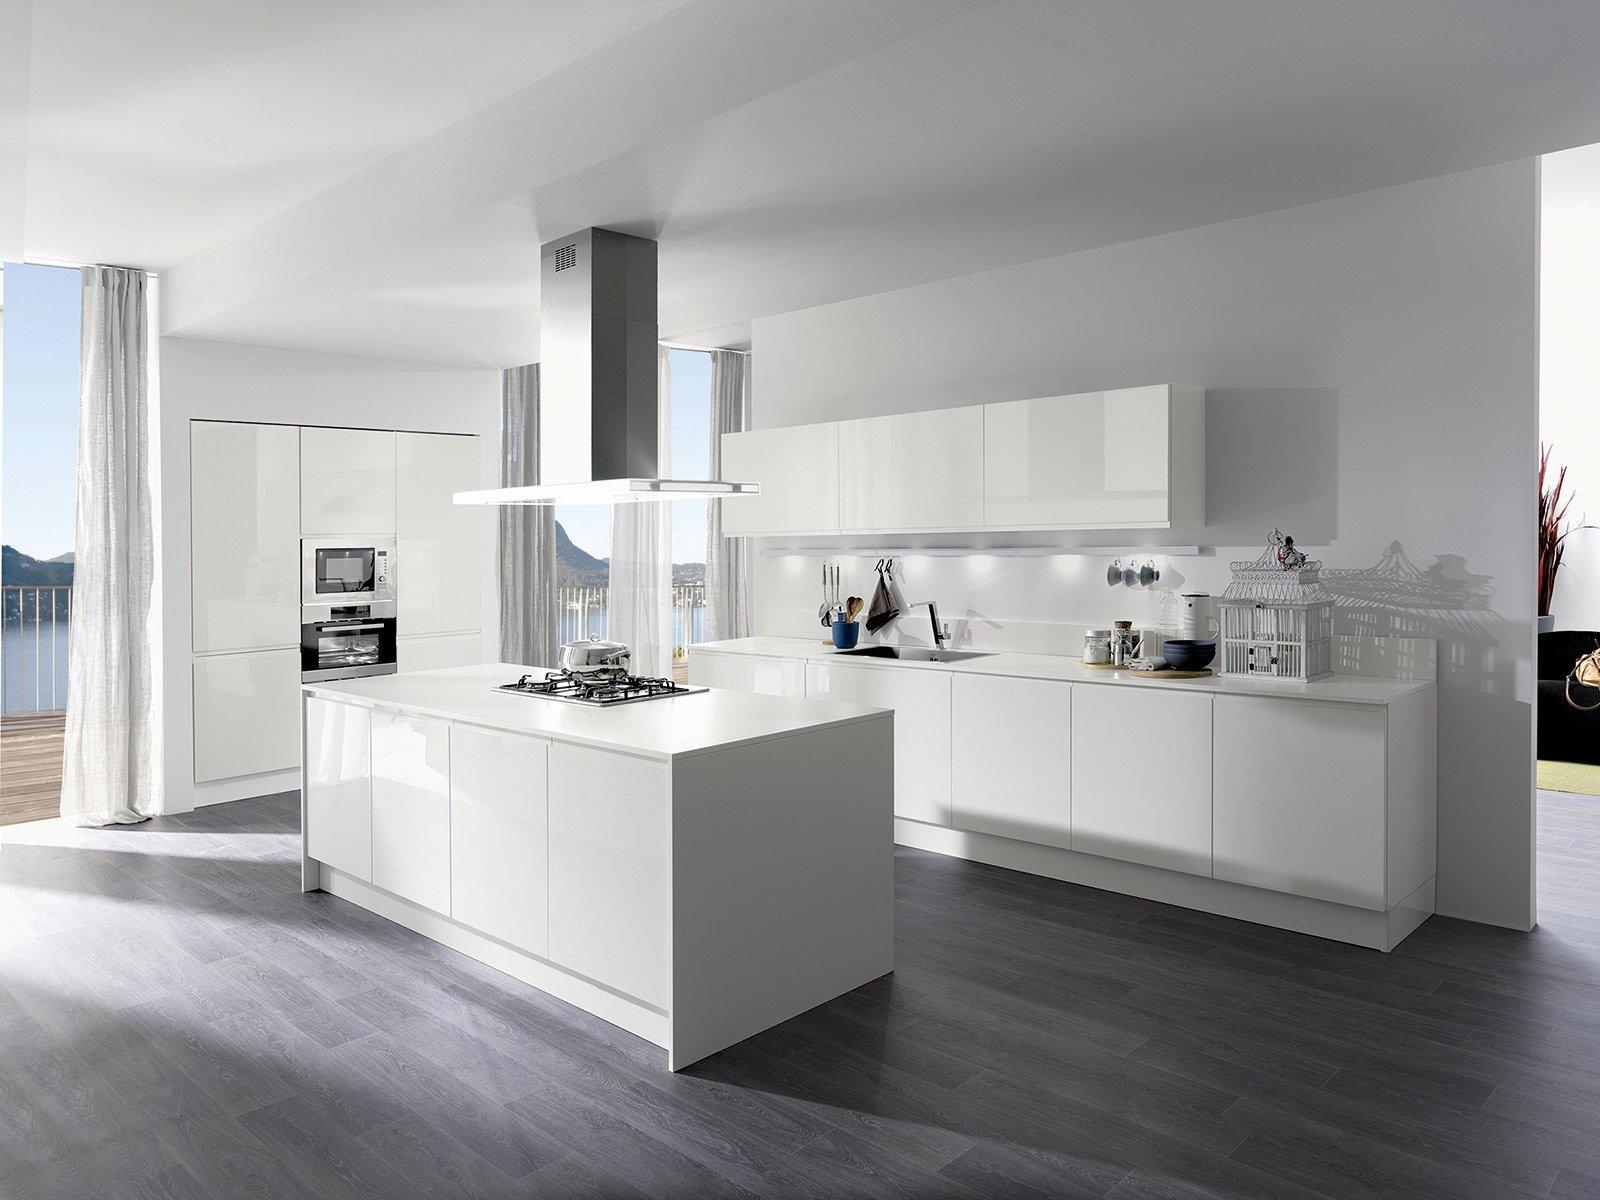 Cucina la voglio tutta bianca cose di casa - Cucina tutta bianca ...